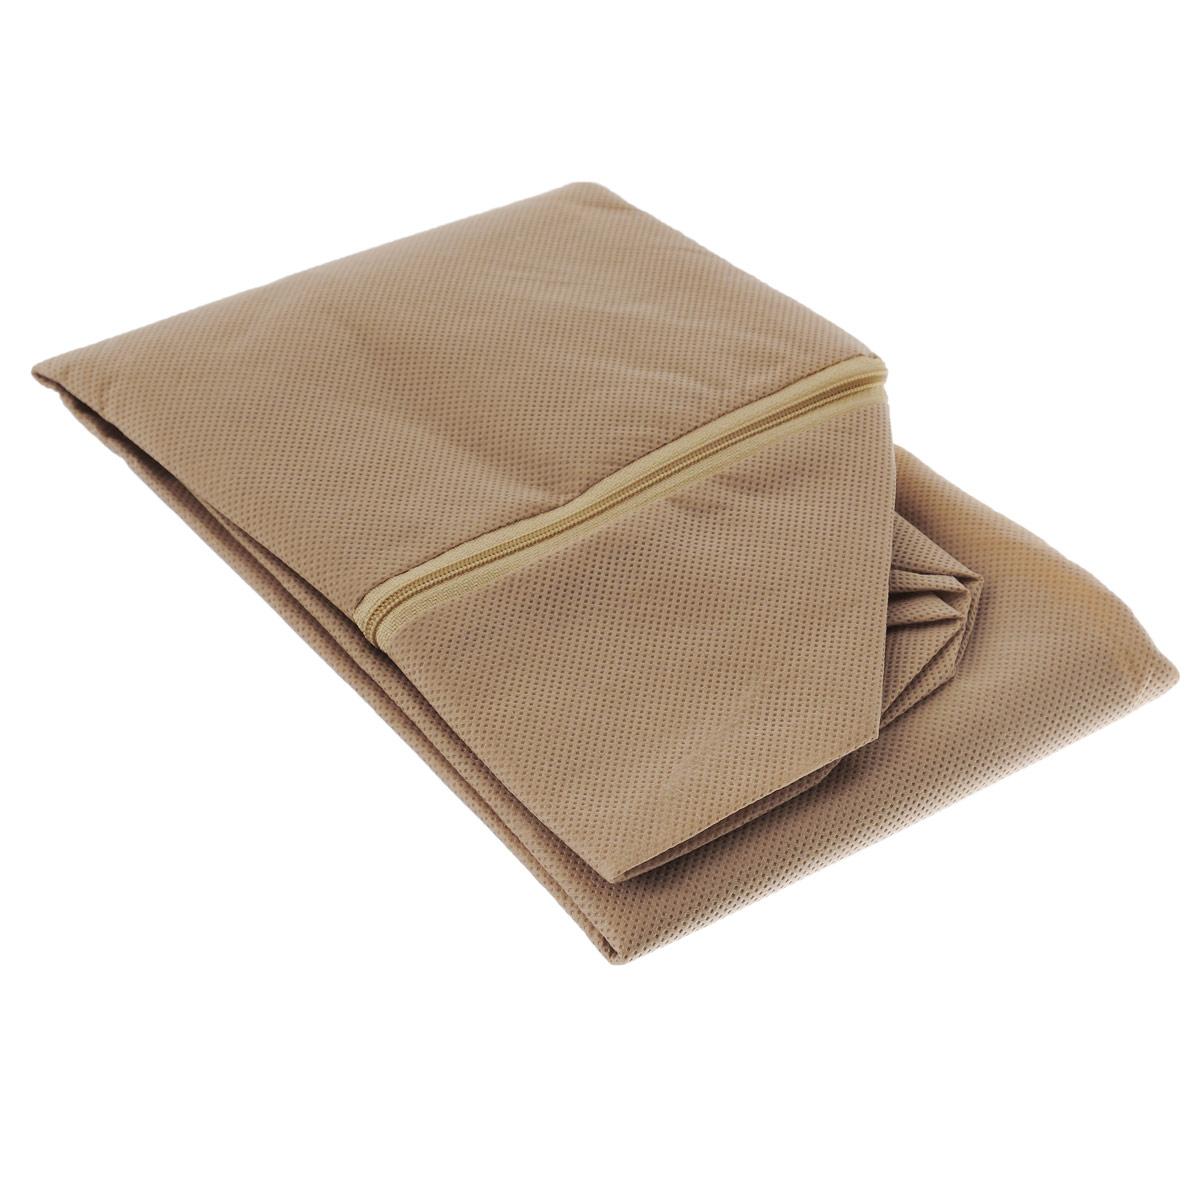 Чехол для хранения одеял Eva, цвет: бежевый, 60 см х 40 см х 20 см16050Чехол Eva изготовлен из ППР и ПВХ и предназначен для хранения одеял. Нетканый материал чехла пропускает воздух, что позволяет изделиям дышать. Это особенно необходимо для изделий из натуральных материалов. Благодаря такому чехлу, вещи не впитывают посторонние запахи. Застегивается на застежку-молнию.Материал: ППР, ПВХ.